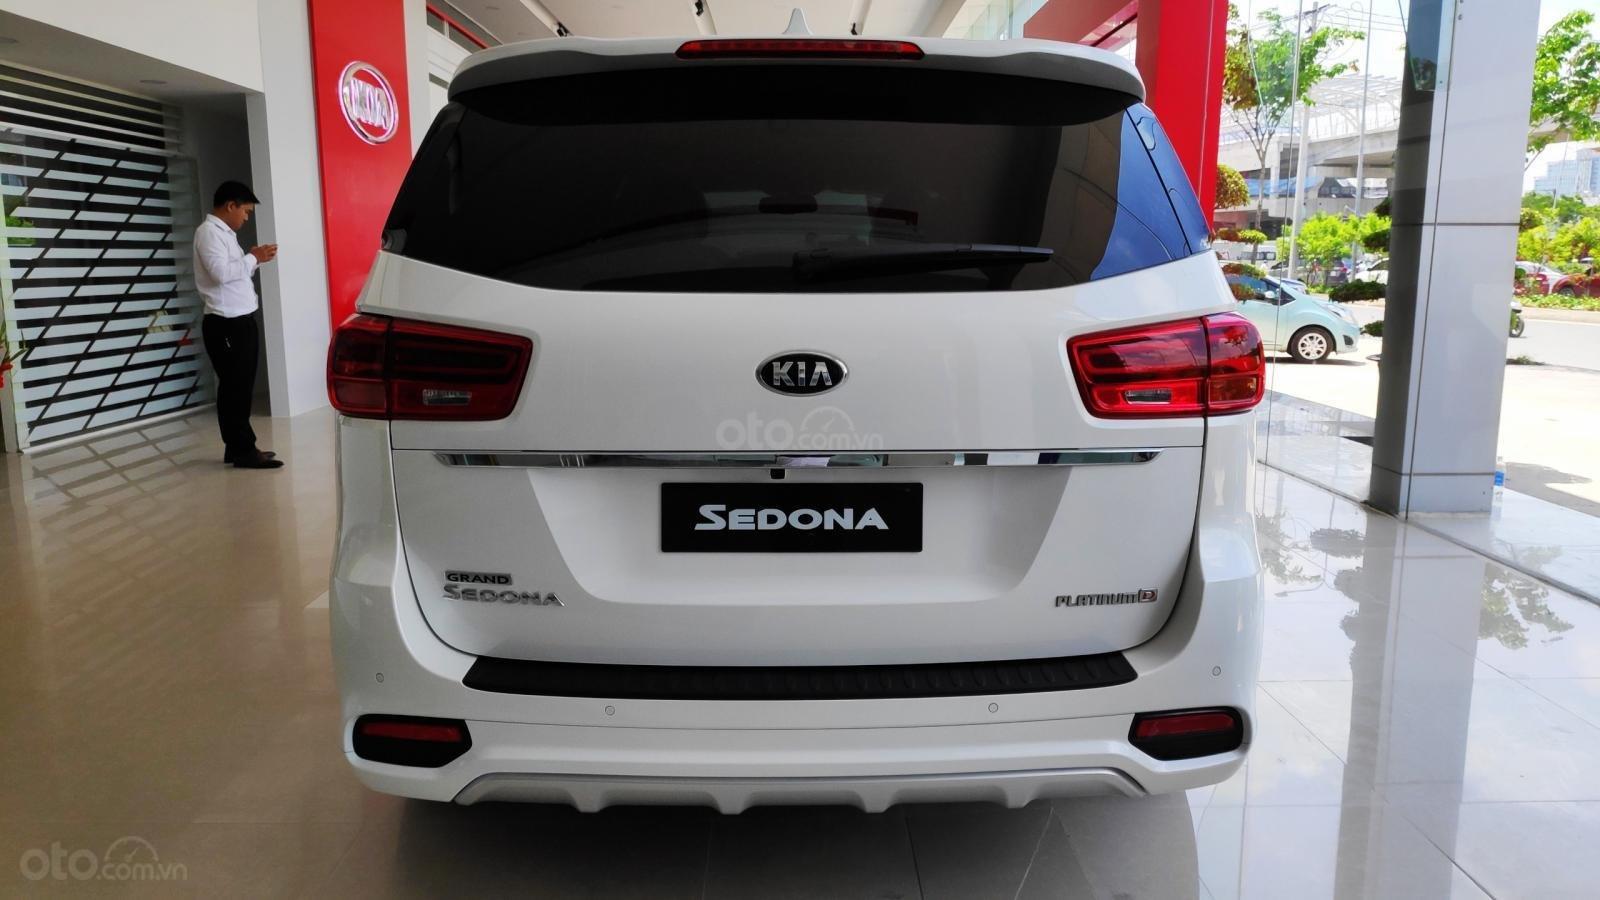 Kia Sedona Luxury - Giảm giá tiền mặt + Tặng bảo hiểm thân vỏ + Tặng camera - Liên hệ PKD Kia Thảo Điền 0961.563.593 (7)